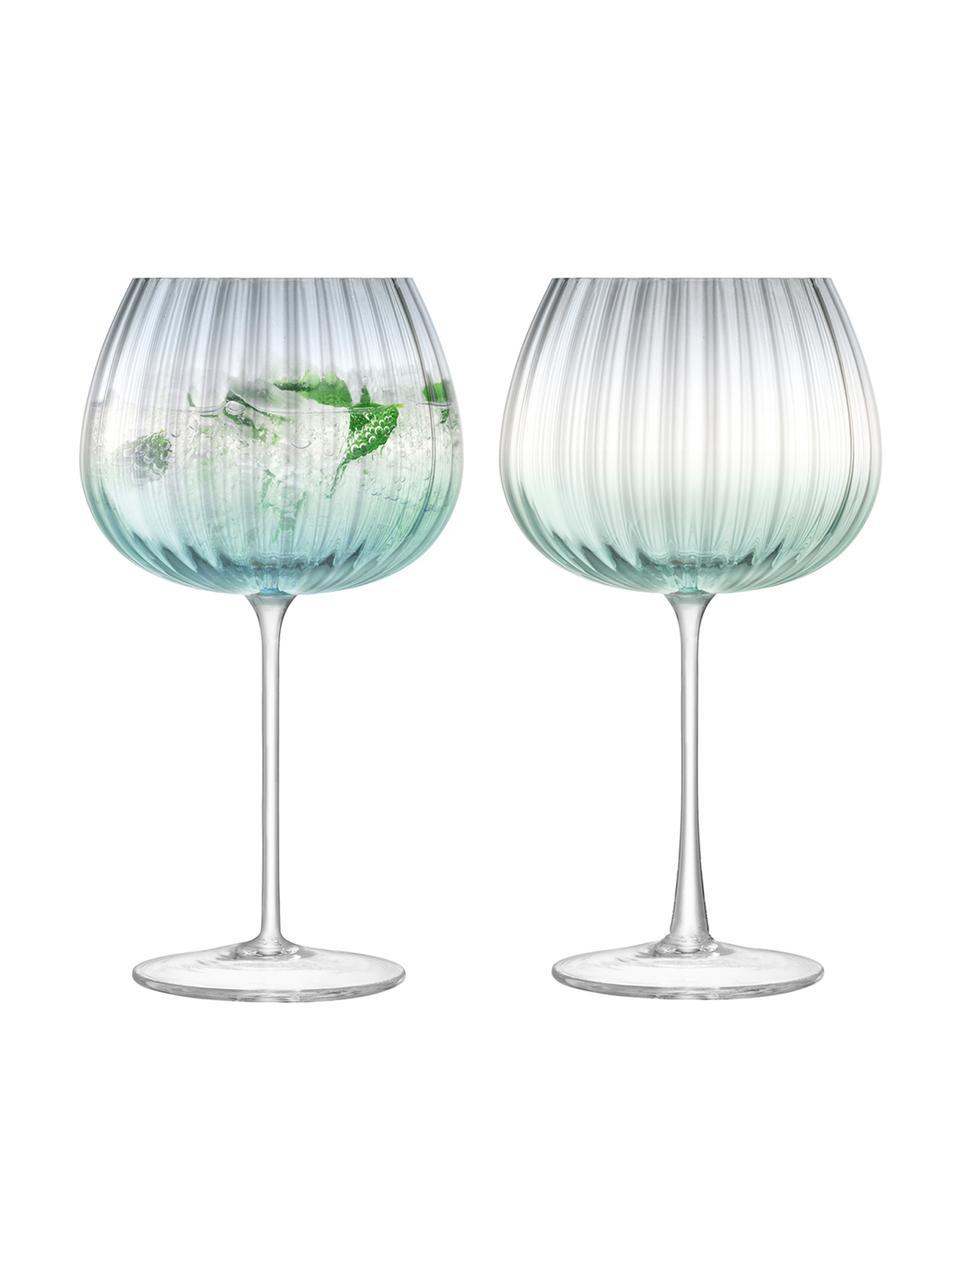 Handgemachte Weingläser Dusk mit Farbverlauf, 2 Stück, Glas, Grün, Grau, Ø 10 x H 20 cm